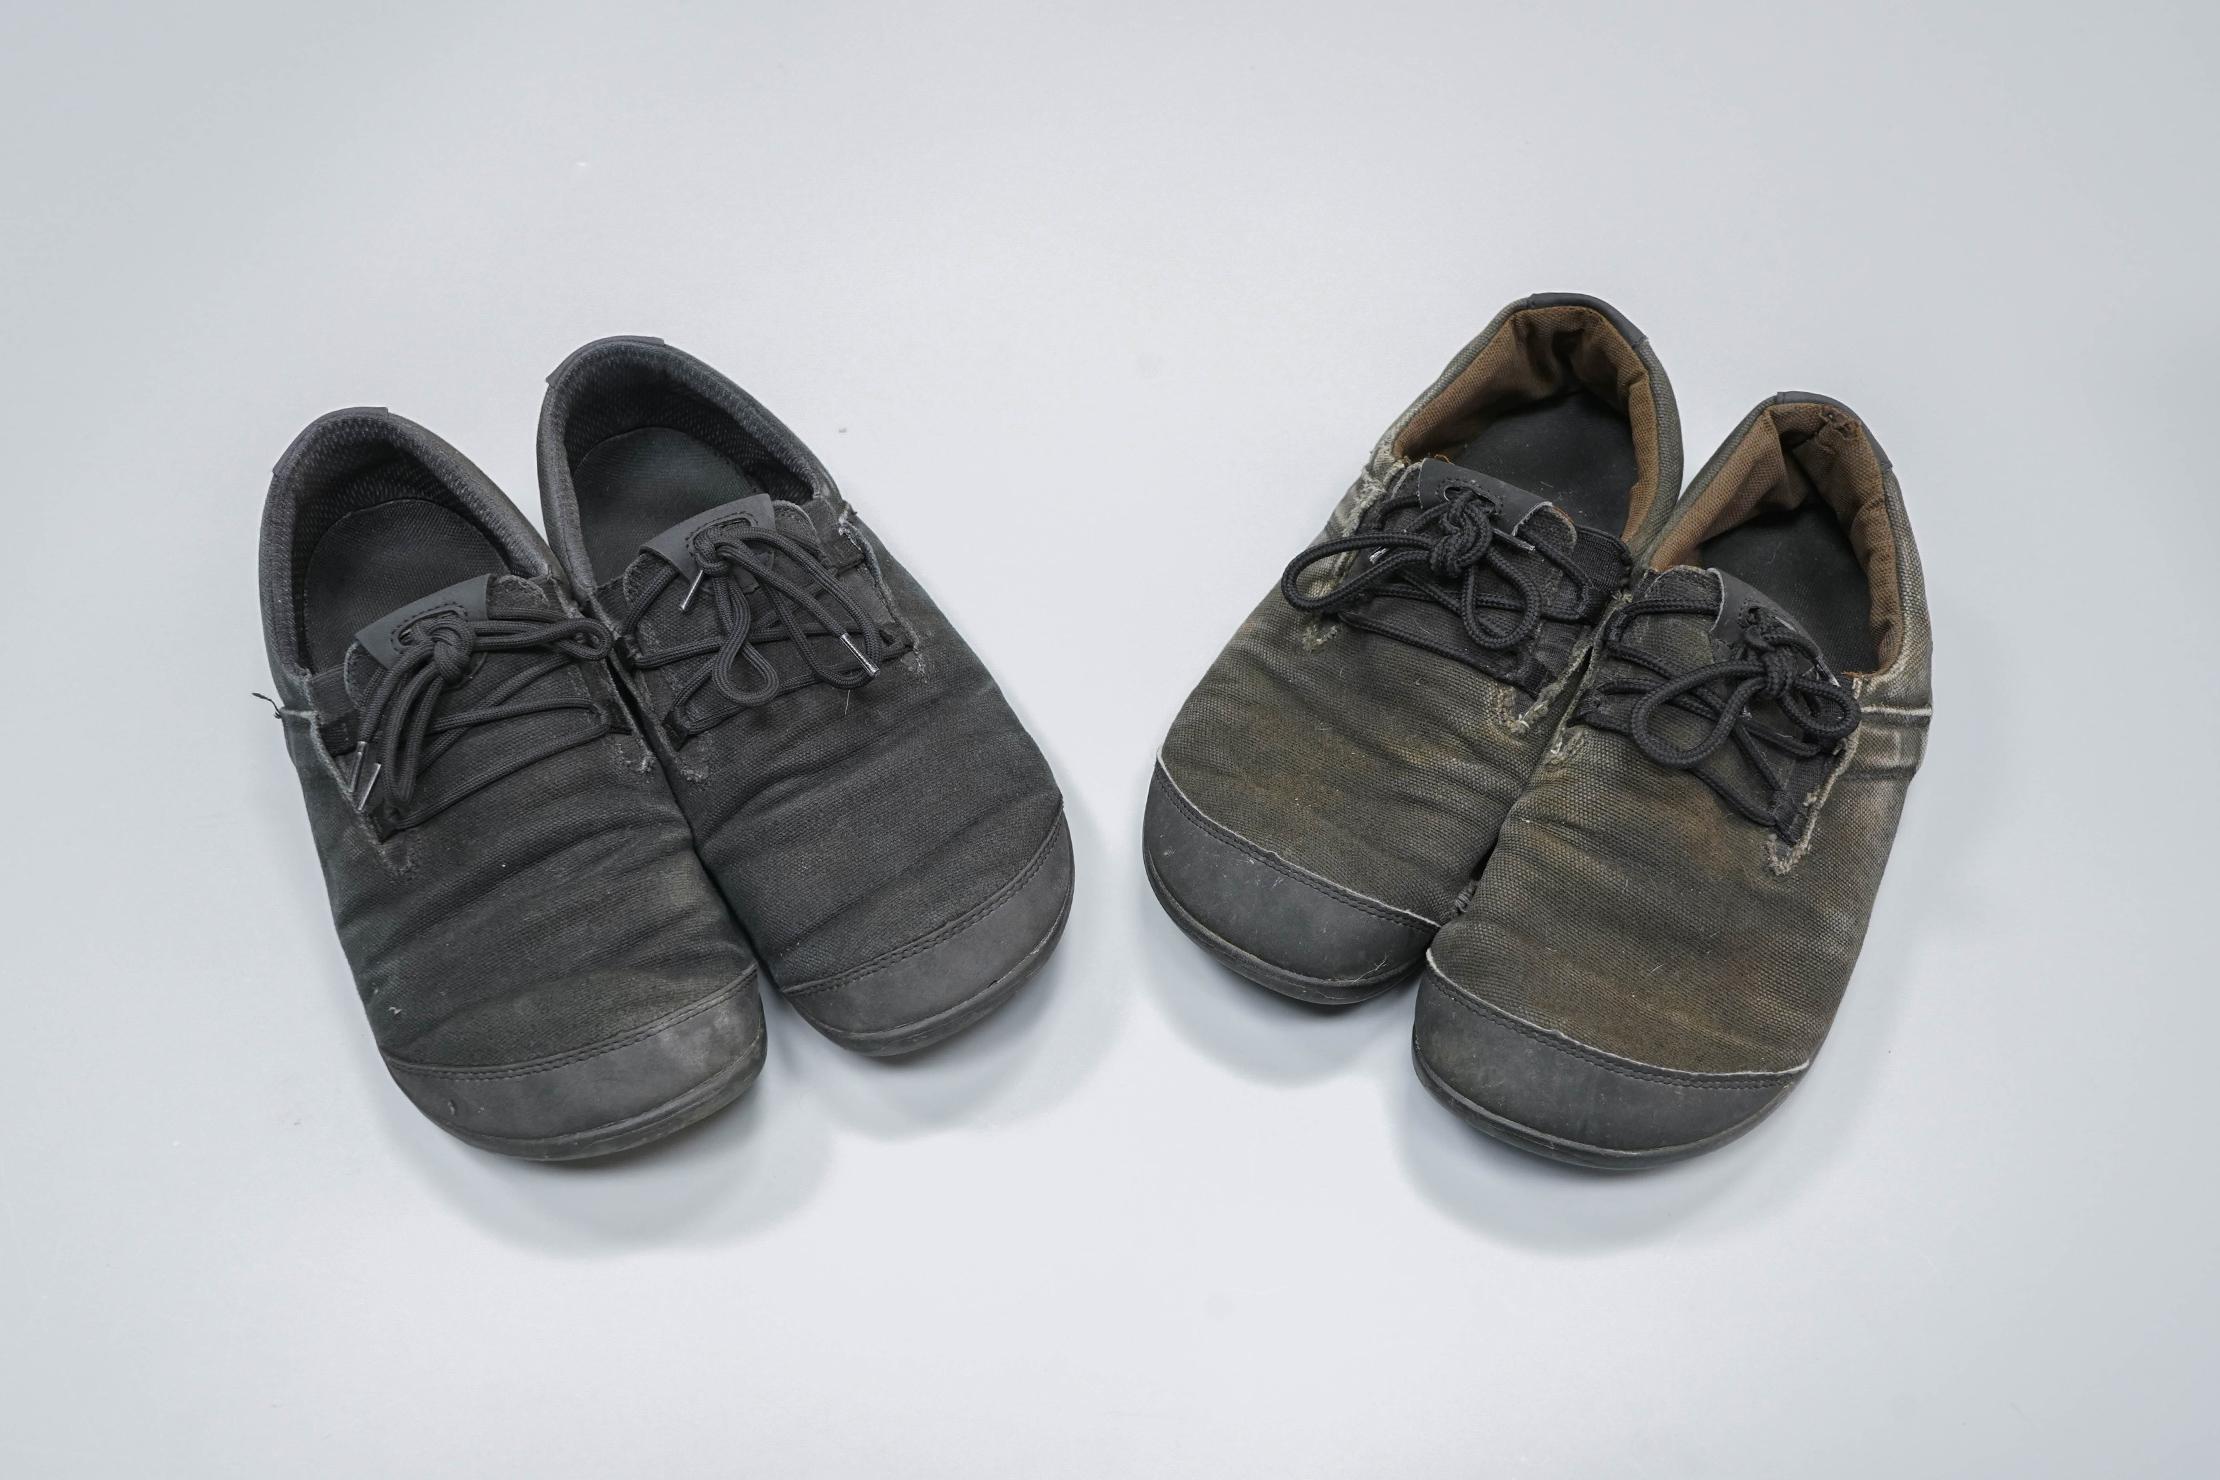 Xero Shoes Hana Men's New Vs Old